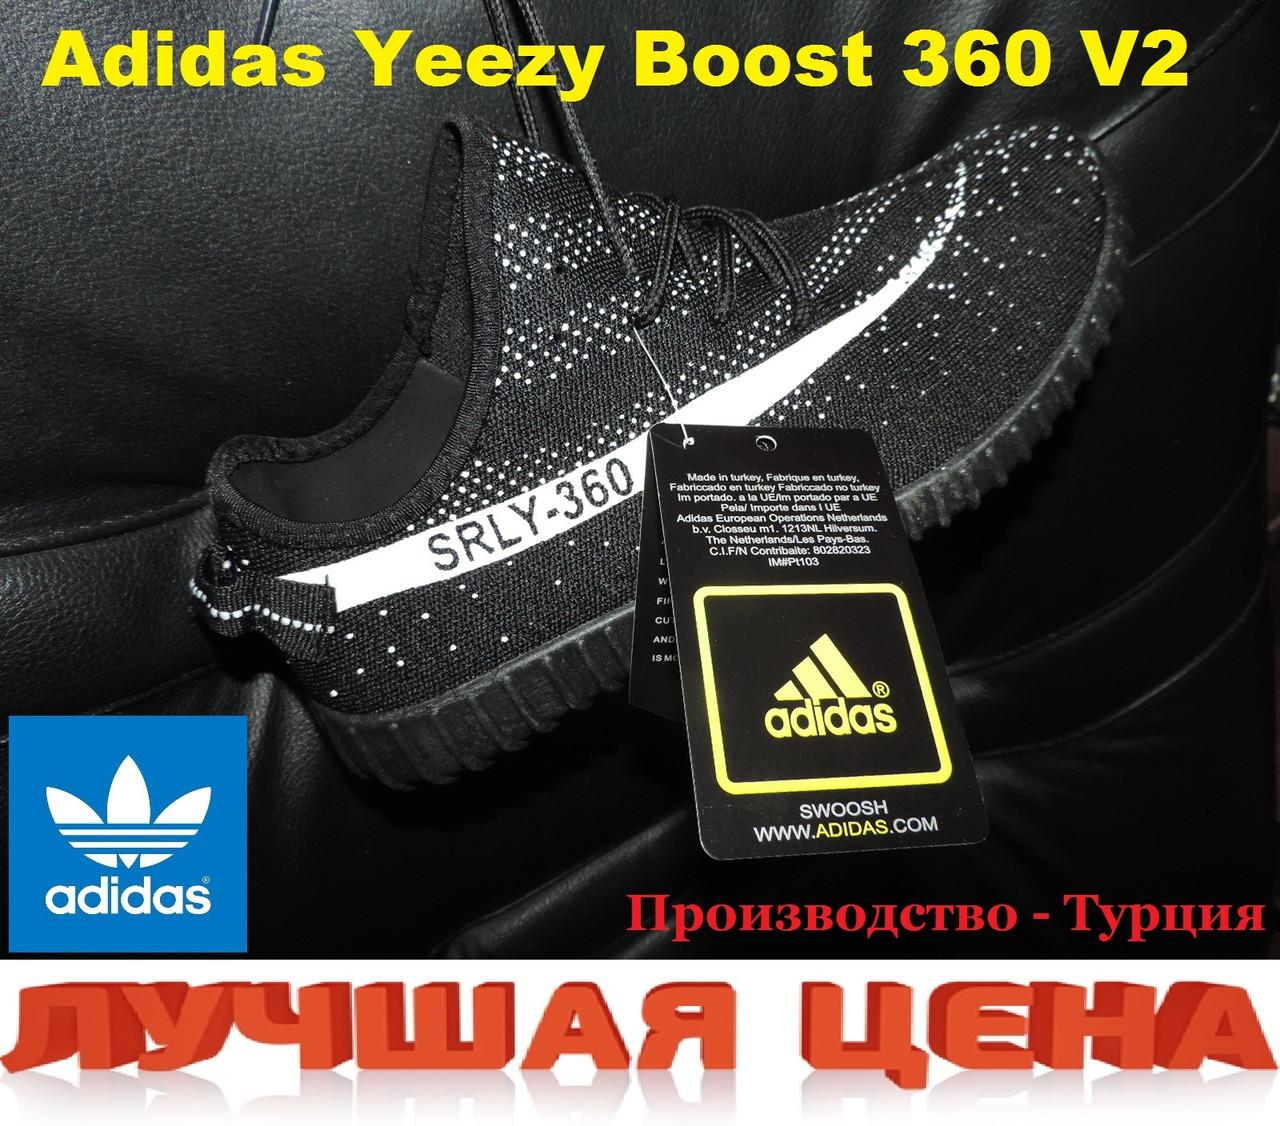 Мужские кроссовки Adidas Yeezy Boost 360 V 2.Турция. Реплика, 42 размер